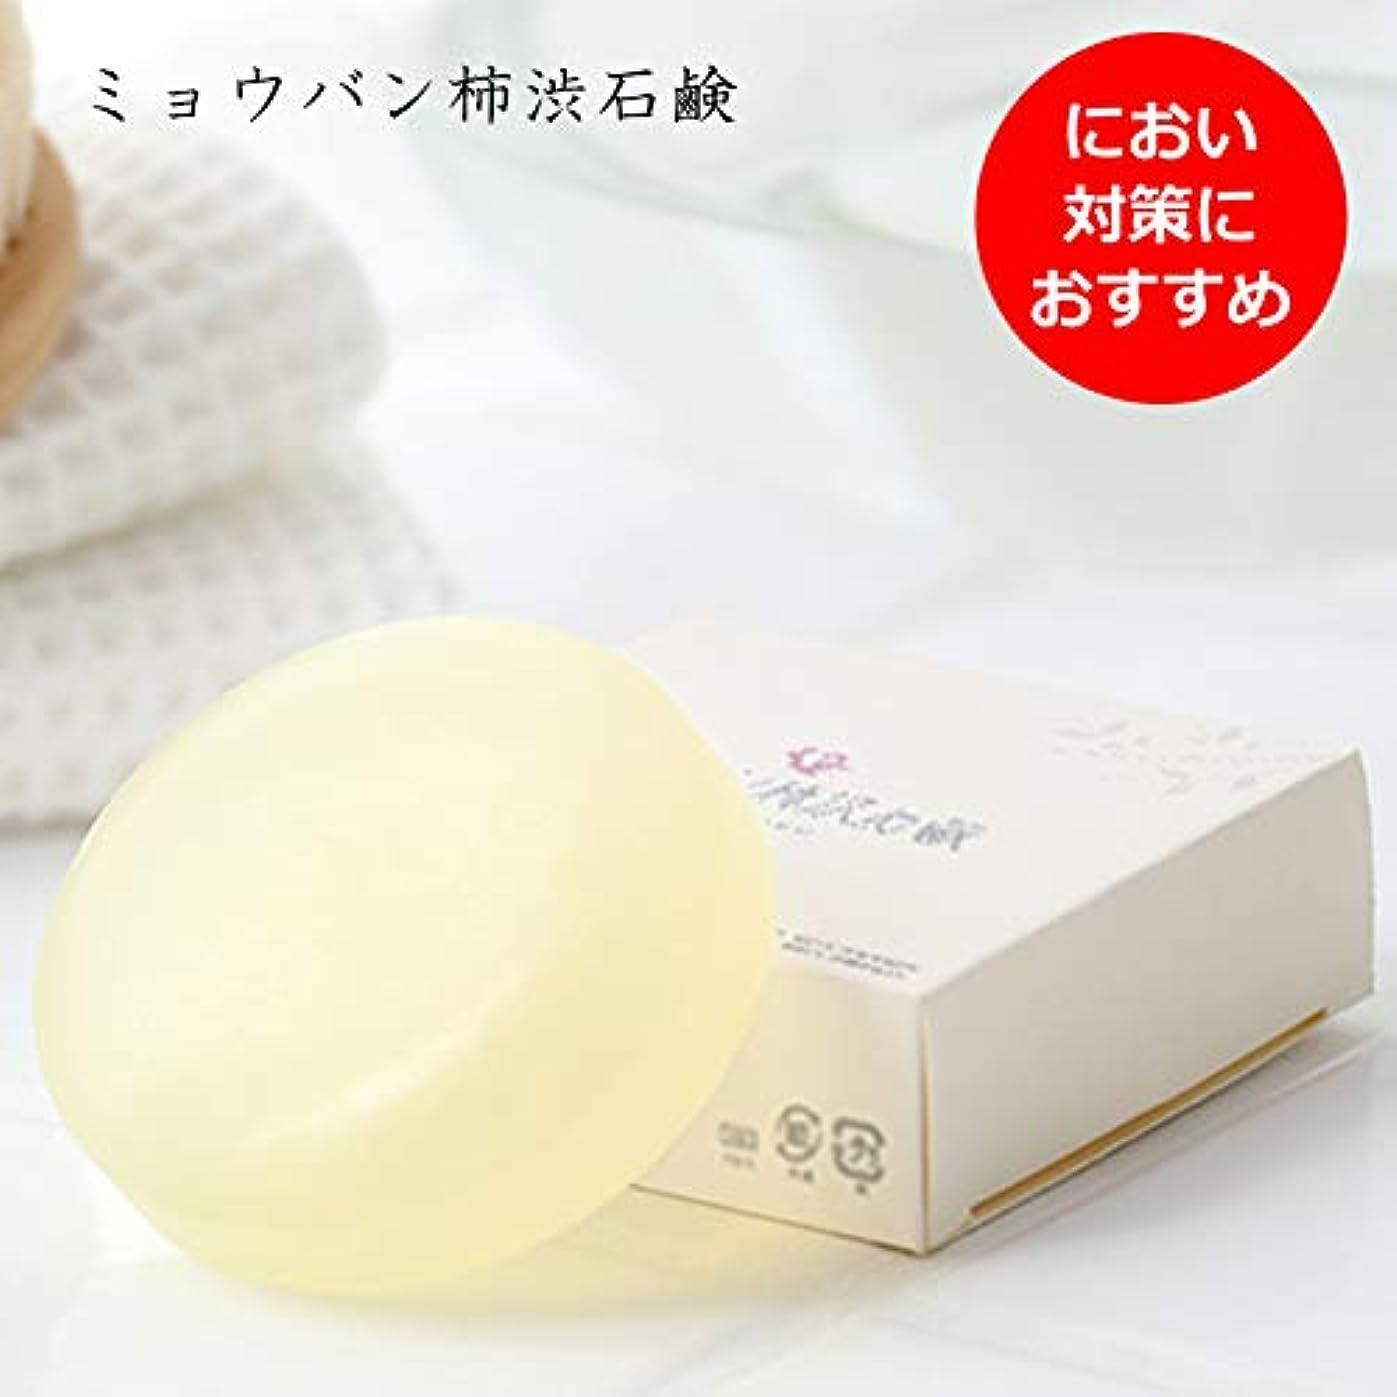 かなり取り付け怠【単品】ミョウバン柿渋石鹸(ナチュラルクリアソープ) (01個)